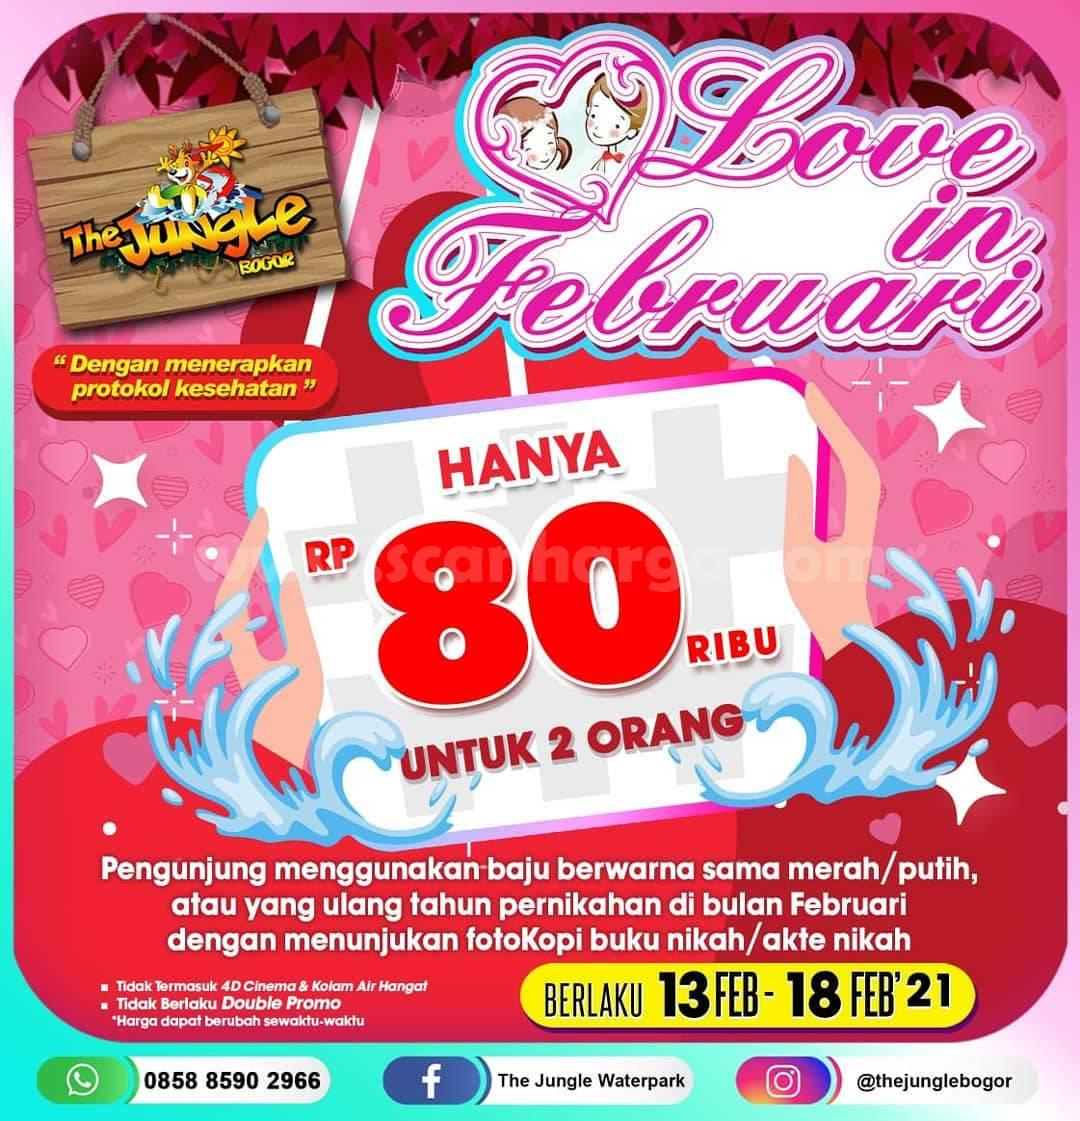 THE JUNGLE Promo TIKET MASUK Cuma Rp 80.000 untuk 2 orang